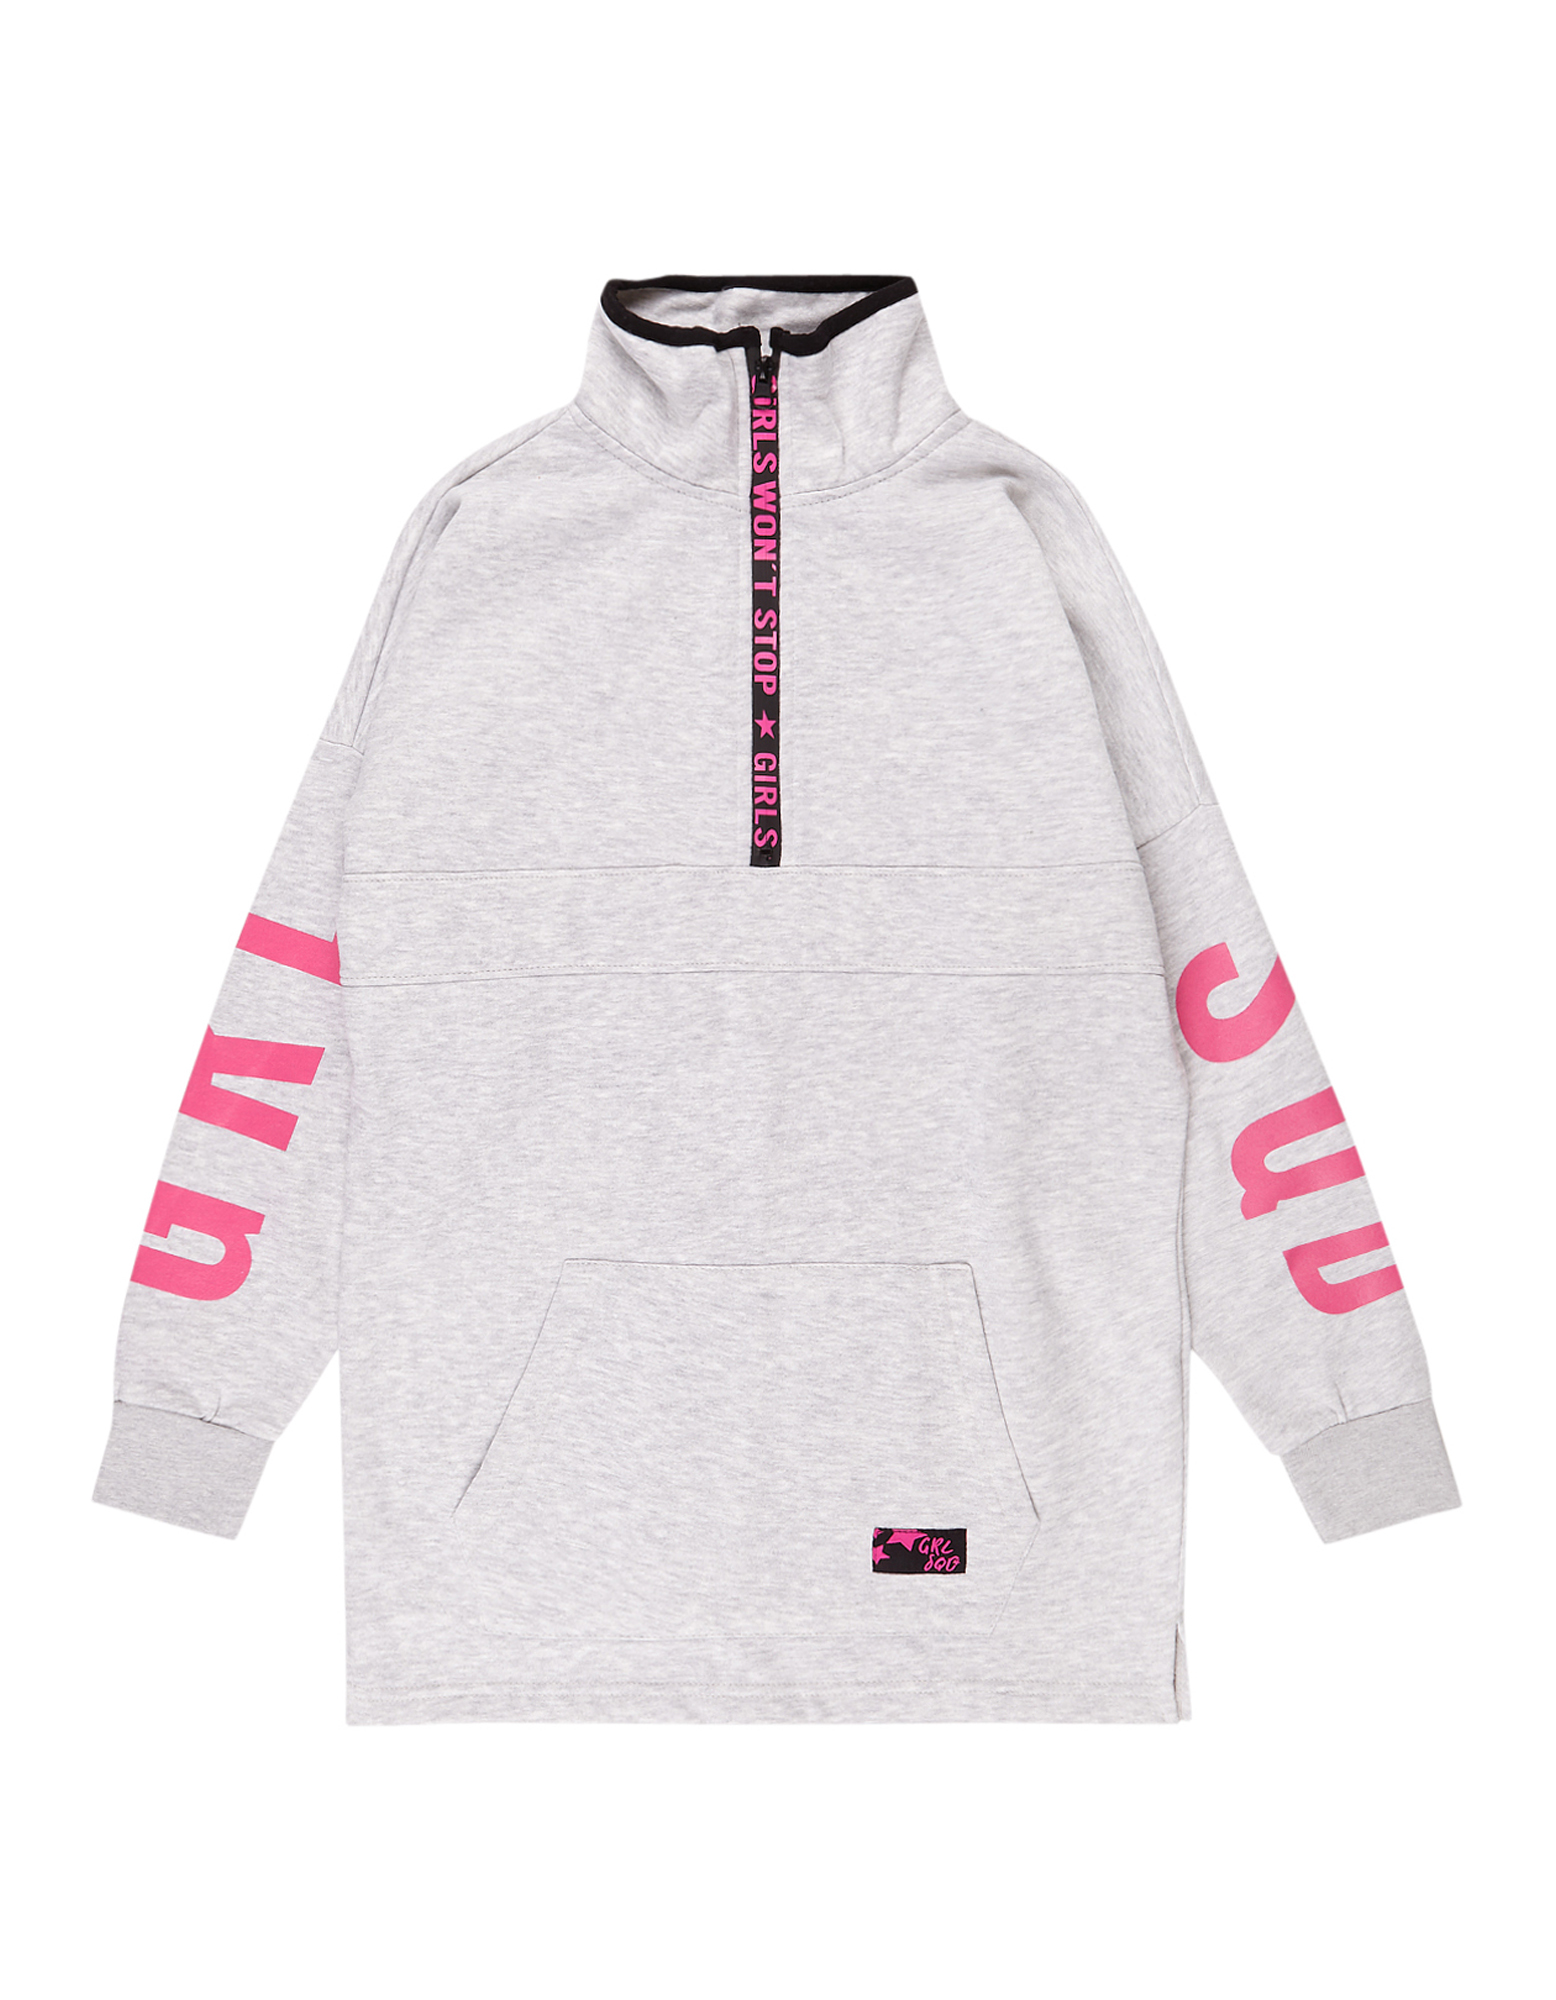 Mädchen Sweatshirt in Melangeoptik  | 81523621370307